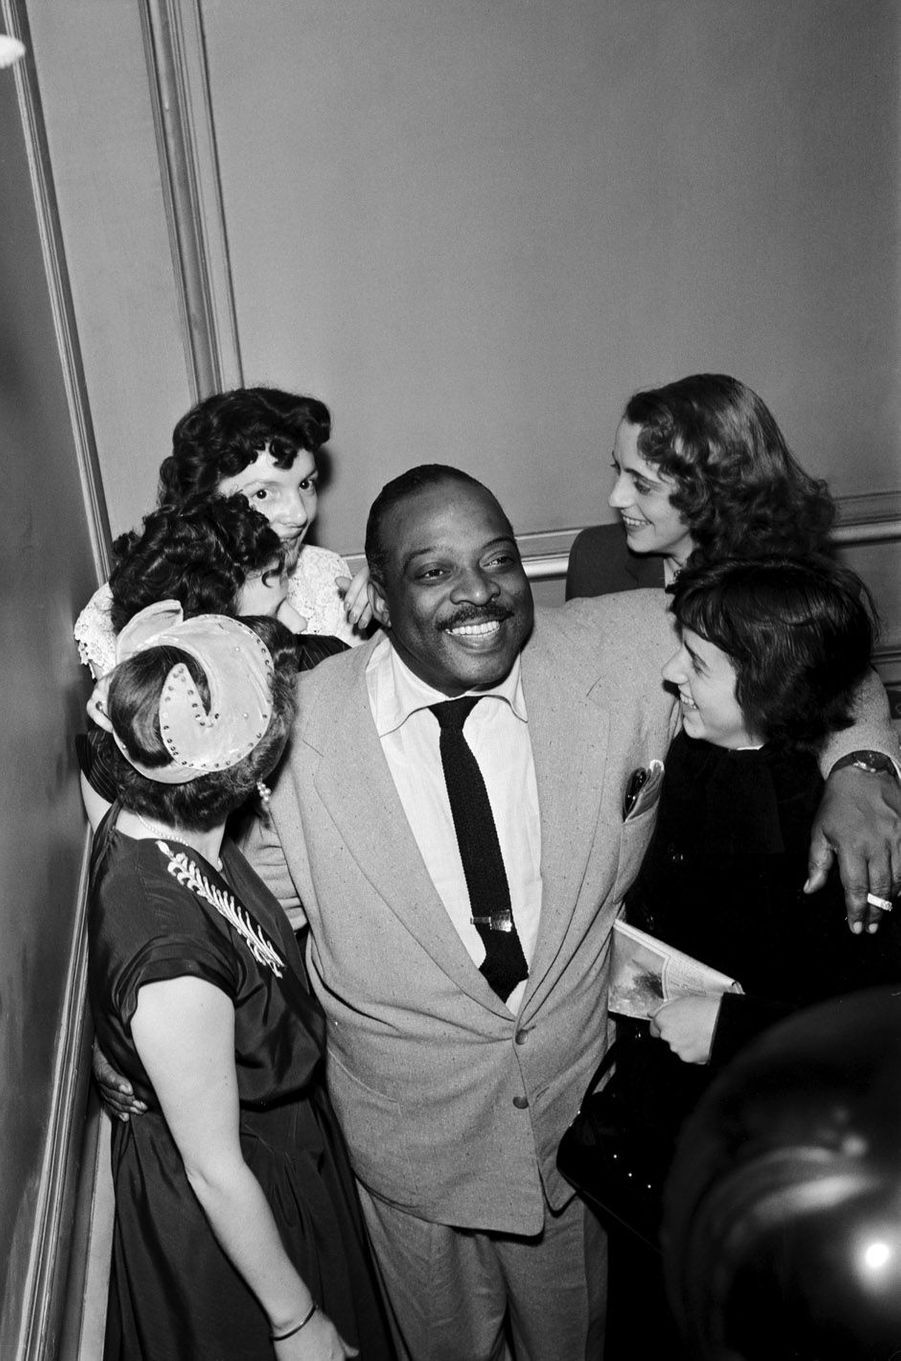 """La quintessence du charme, et du jazz. La musique coulait sous ses doigts, s'envolait pour raconter une histoire où les péripéties étaient des improvisations endiablées. Count Basie avait reçu son don et ses premières leçons de sa mère. A 20ans, il fait le grand saut et s'installe à Harlem où il fréquente les grands pianiste de l'époque. Sa carrière s'emballe, et la """"machine à swing"""" réunit les musiciens les plus talentueux. Le Count Basie Orchestra fera découvrir au grand public des jazzmen comme Lester Young, Buck Clayton ou Buddy Tate.Découvrezla grande galerie photo de Paris Matchavec un nouveau rendez-vous consacré aux femmes et aux hommes qui ont fait l'histoire de votre journal, Six photos de légende. Nouveau rendez-vous ce dimanche avec les légendes du jazz."""